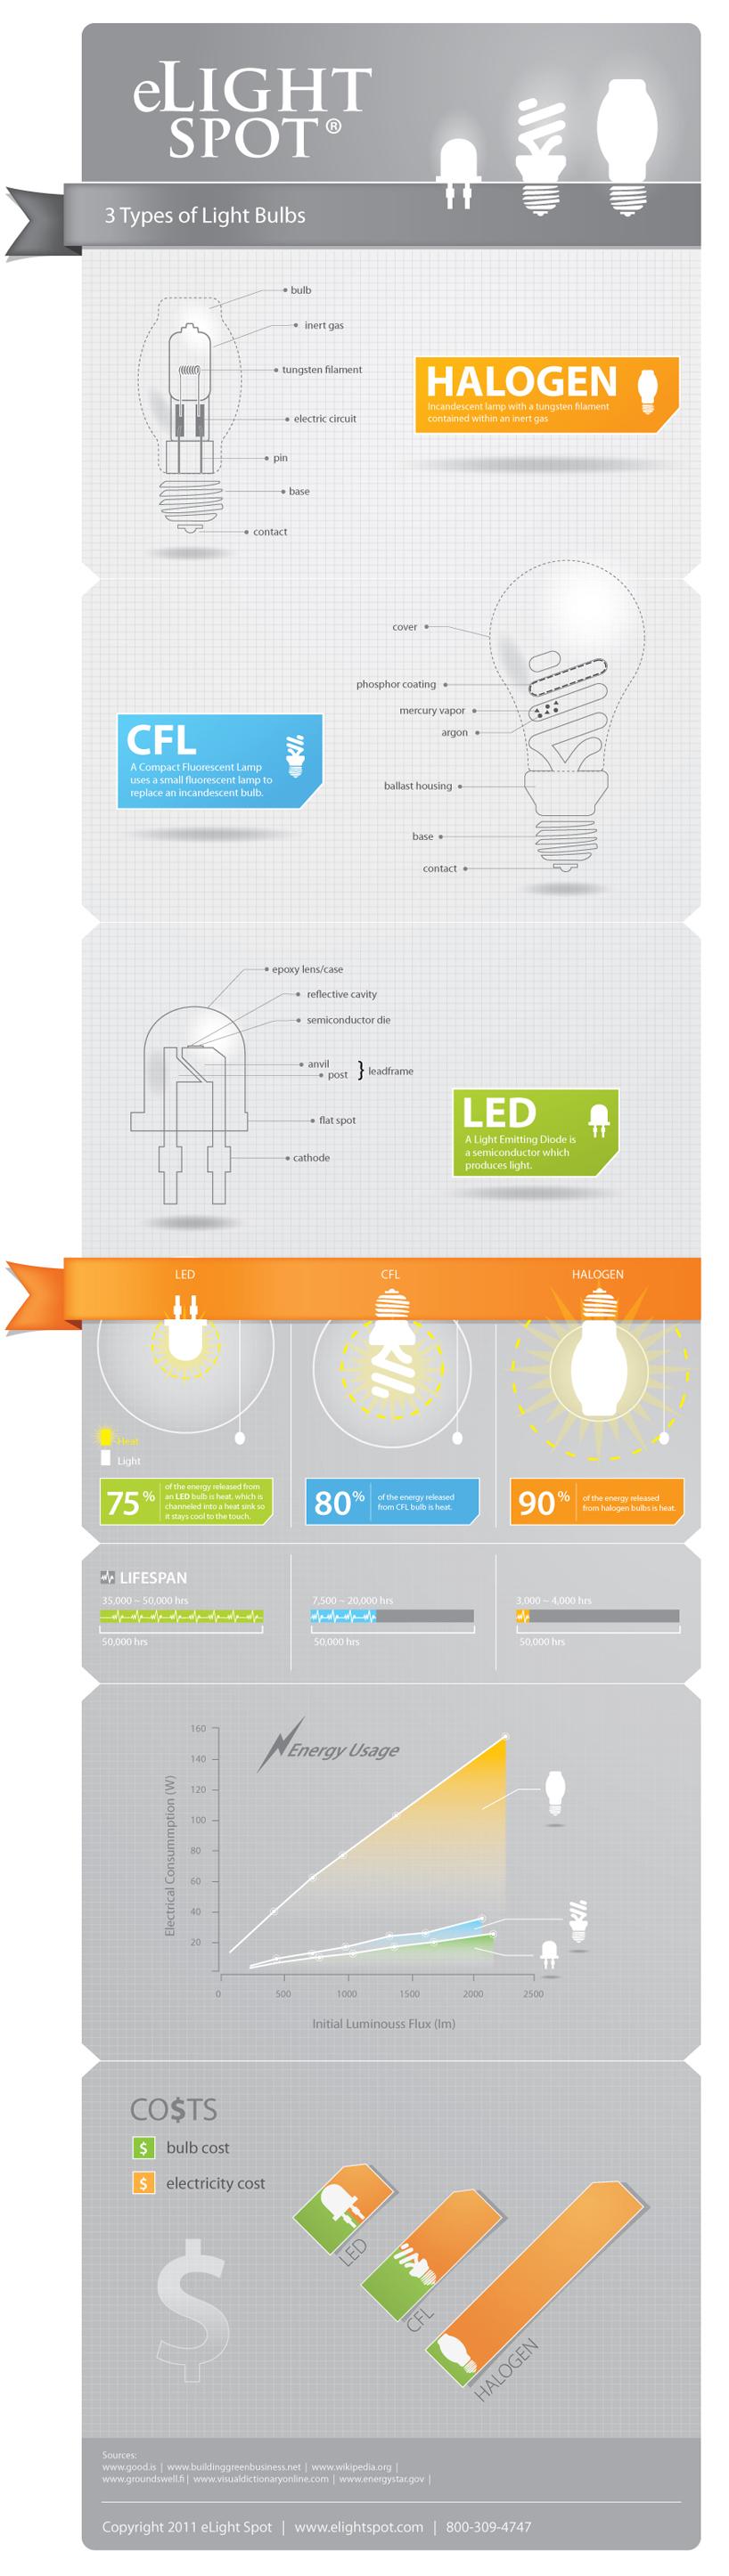 Hal genos vs bajo consumo vs led infografia infographic - Halogenos led bajo consumo ...